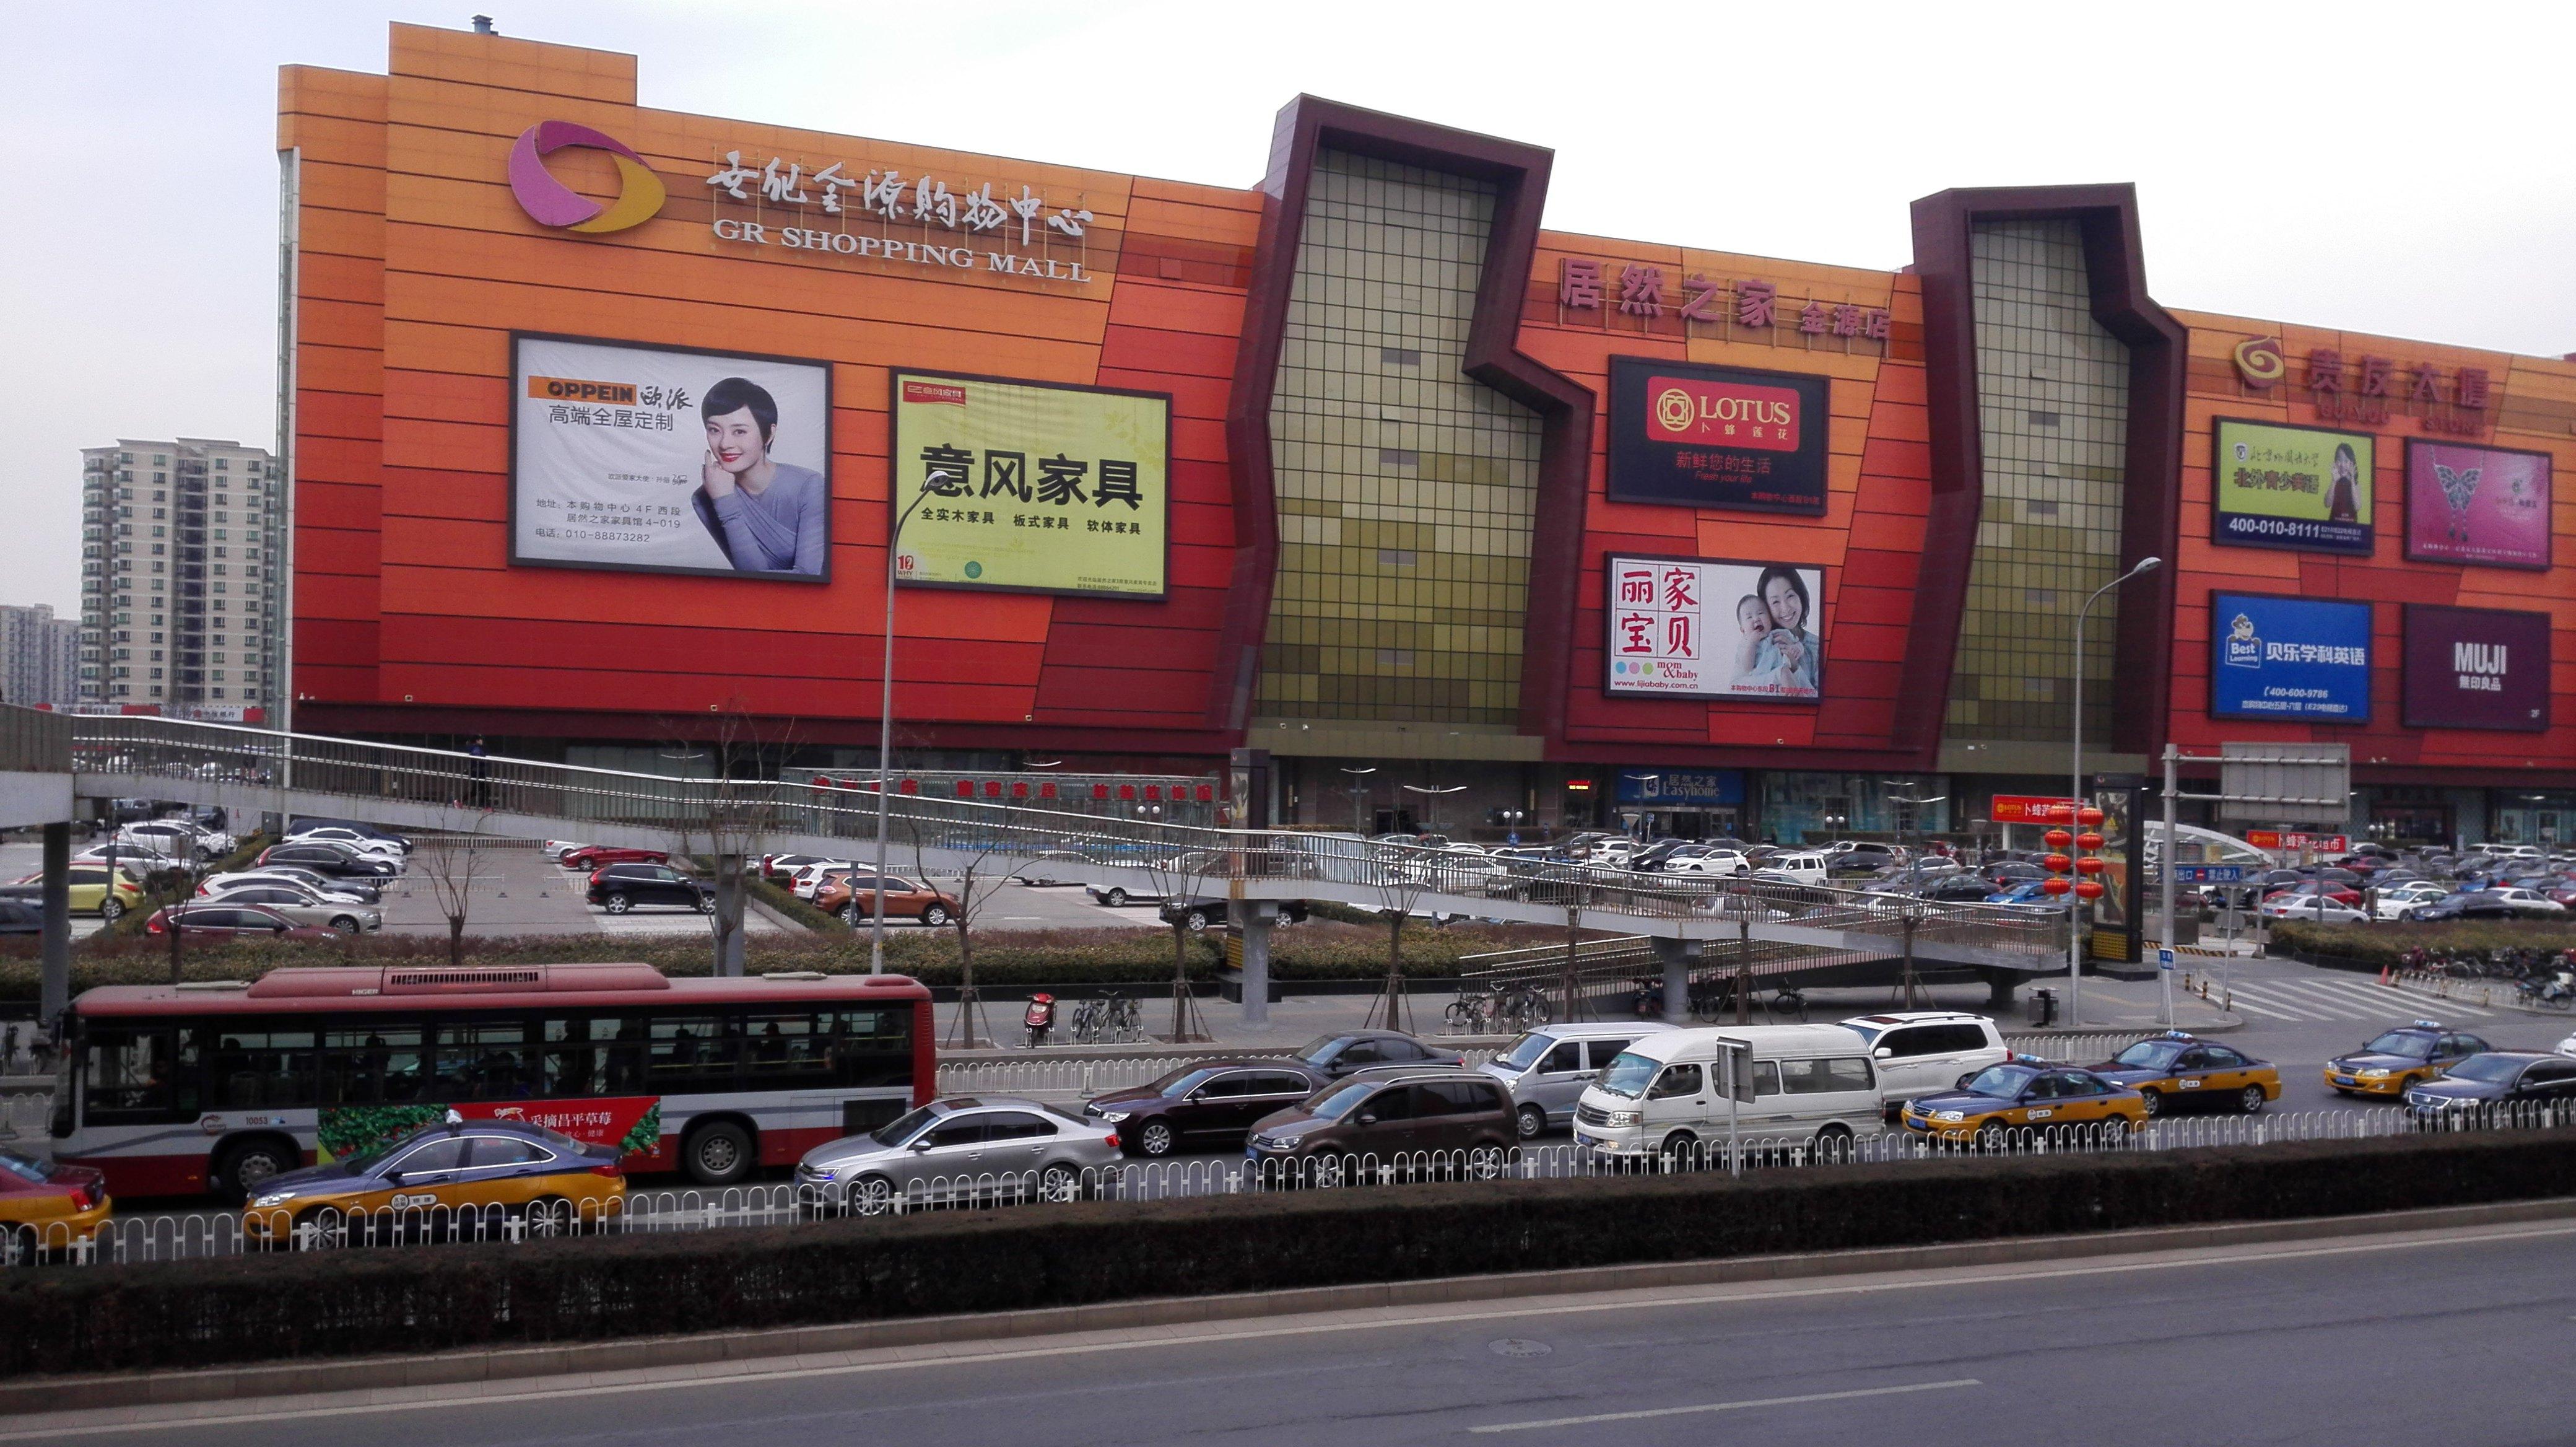 北京世纪金源购物中心怎么样/如何去,世纪金源购物好